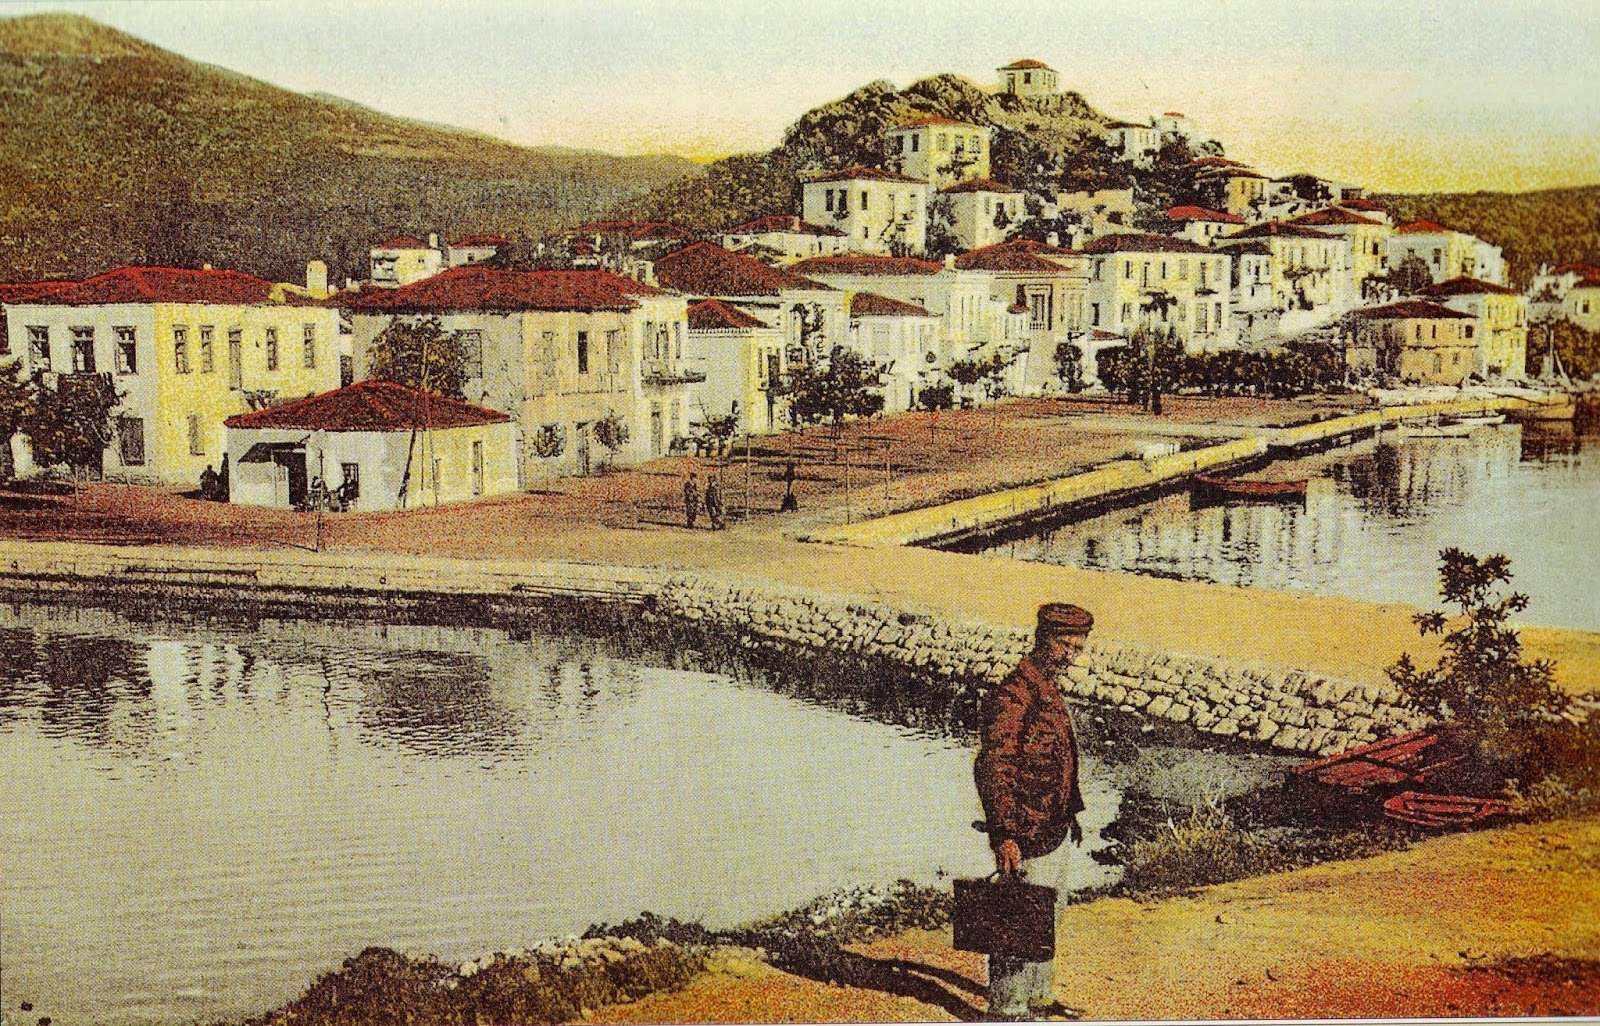 Το λιμάνι της Σκιάθου. Ταχυδρομική κάρτα - επιχρωματισμένη φωτογραφία του Στέφανου Στουρνάρα, εποχής 1910-1920.